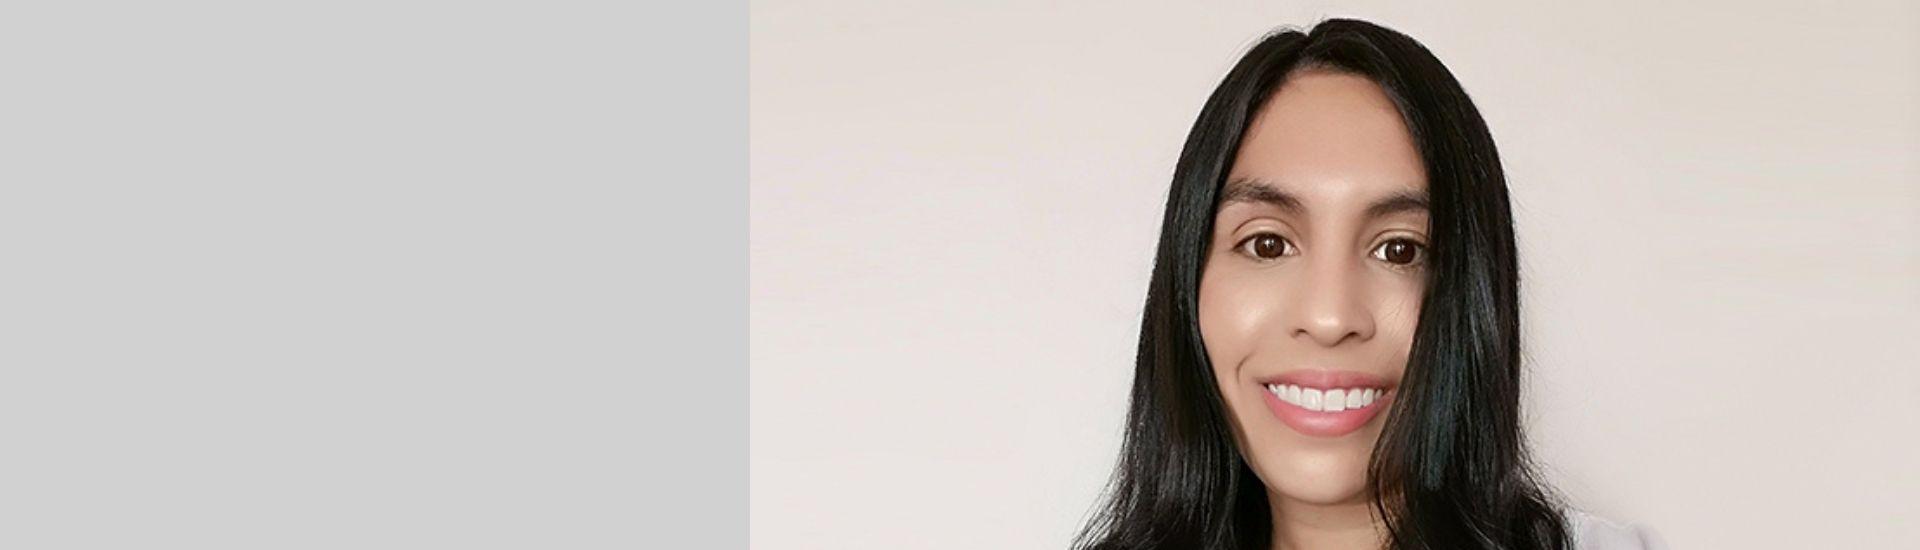 Retrato de Gariela Villaroel, estudiante de Pedagogía en Inglés que es abogada y decidió seguir su vocación